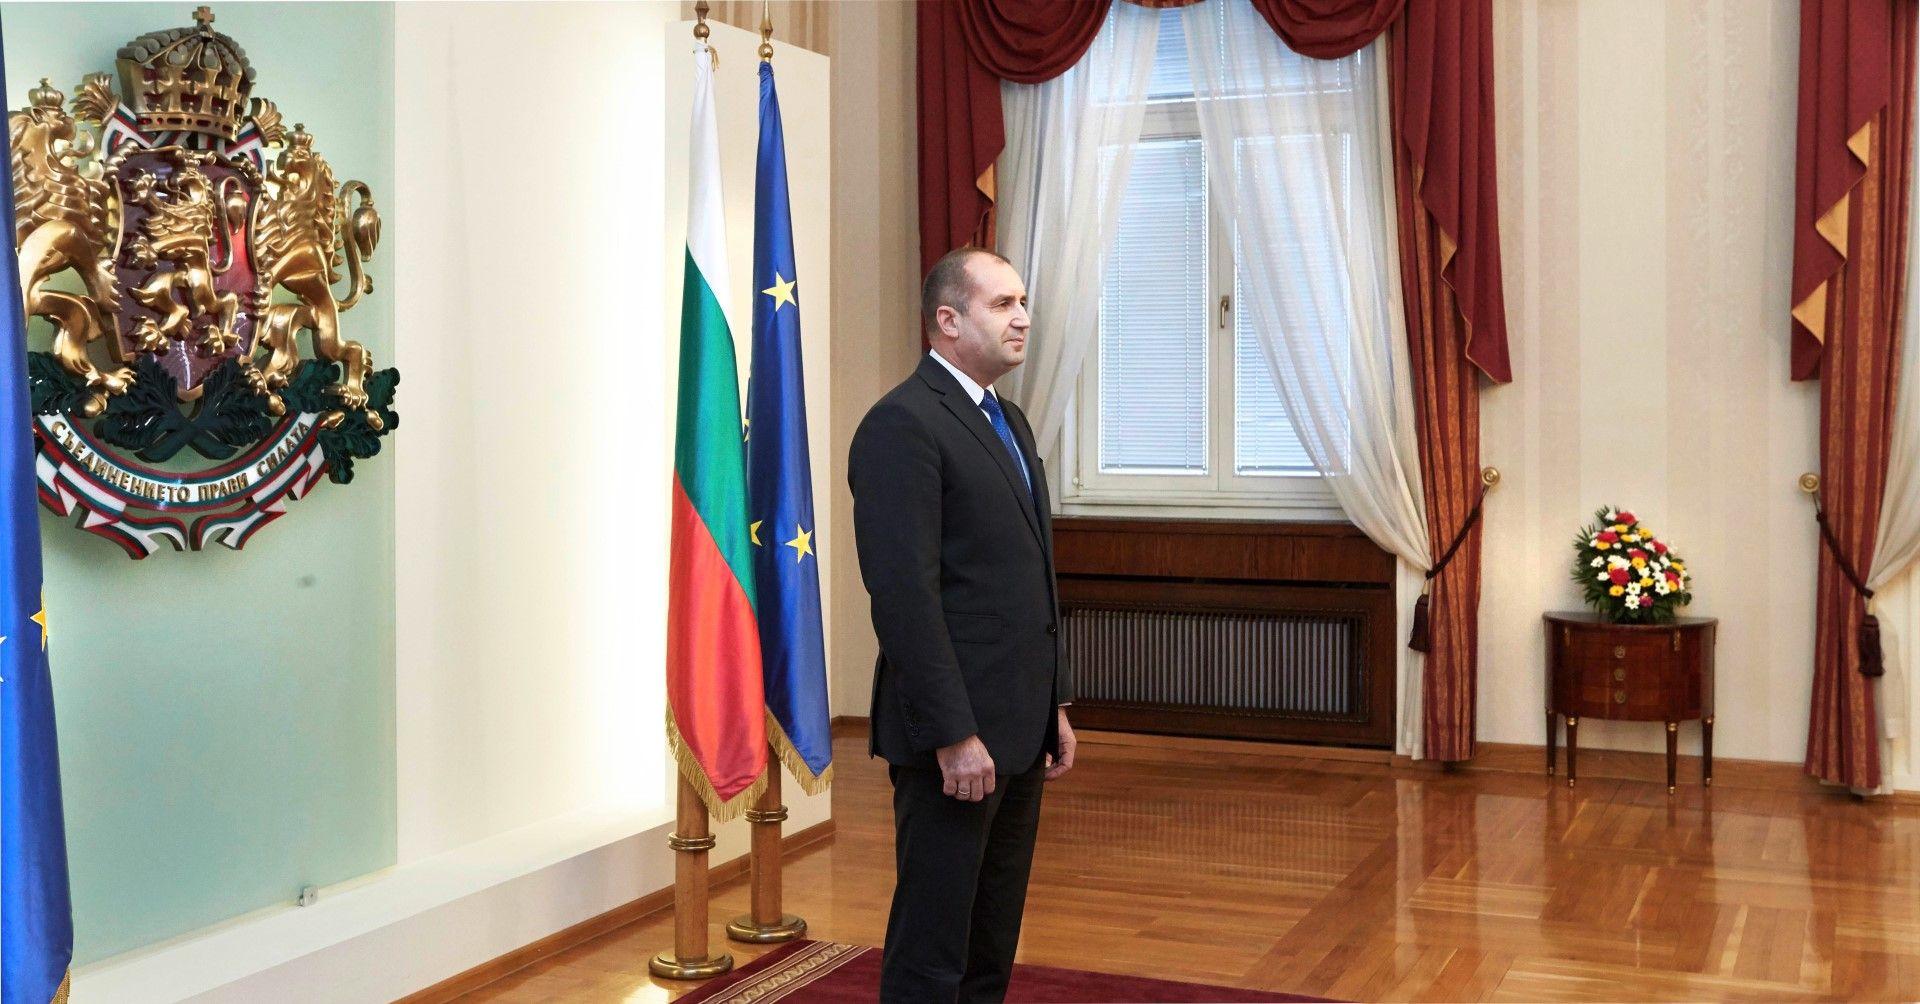 Сигурността на България е изправена пред нови предизвикателства